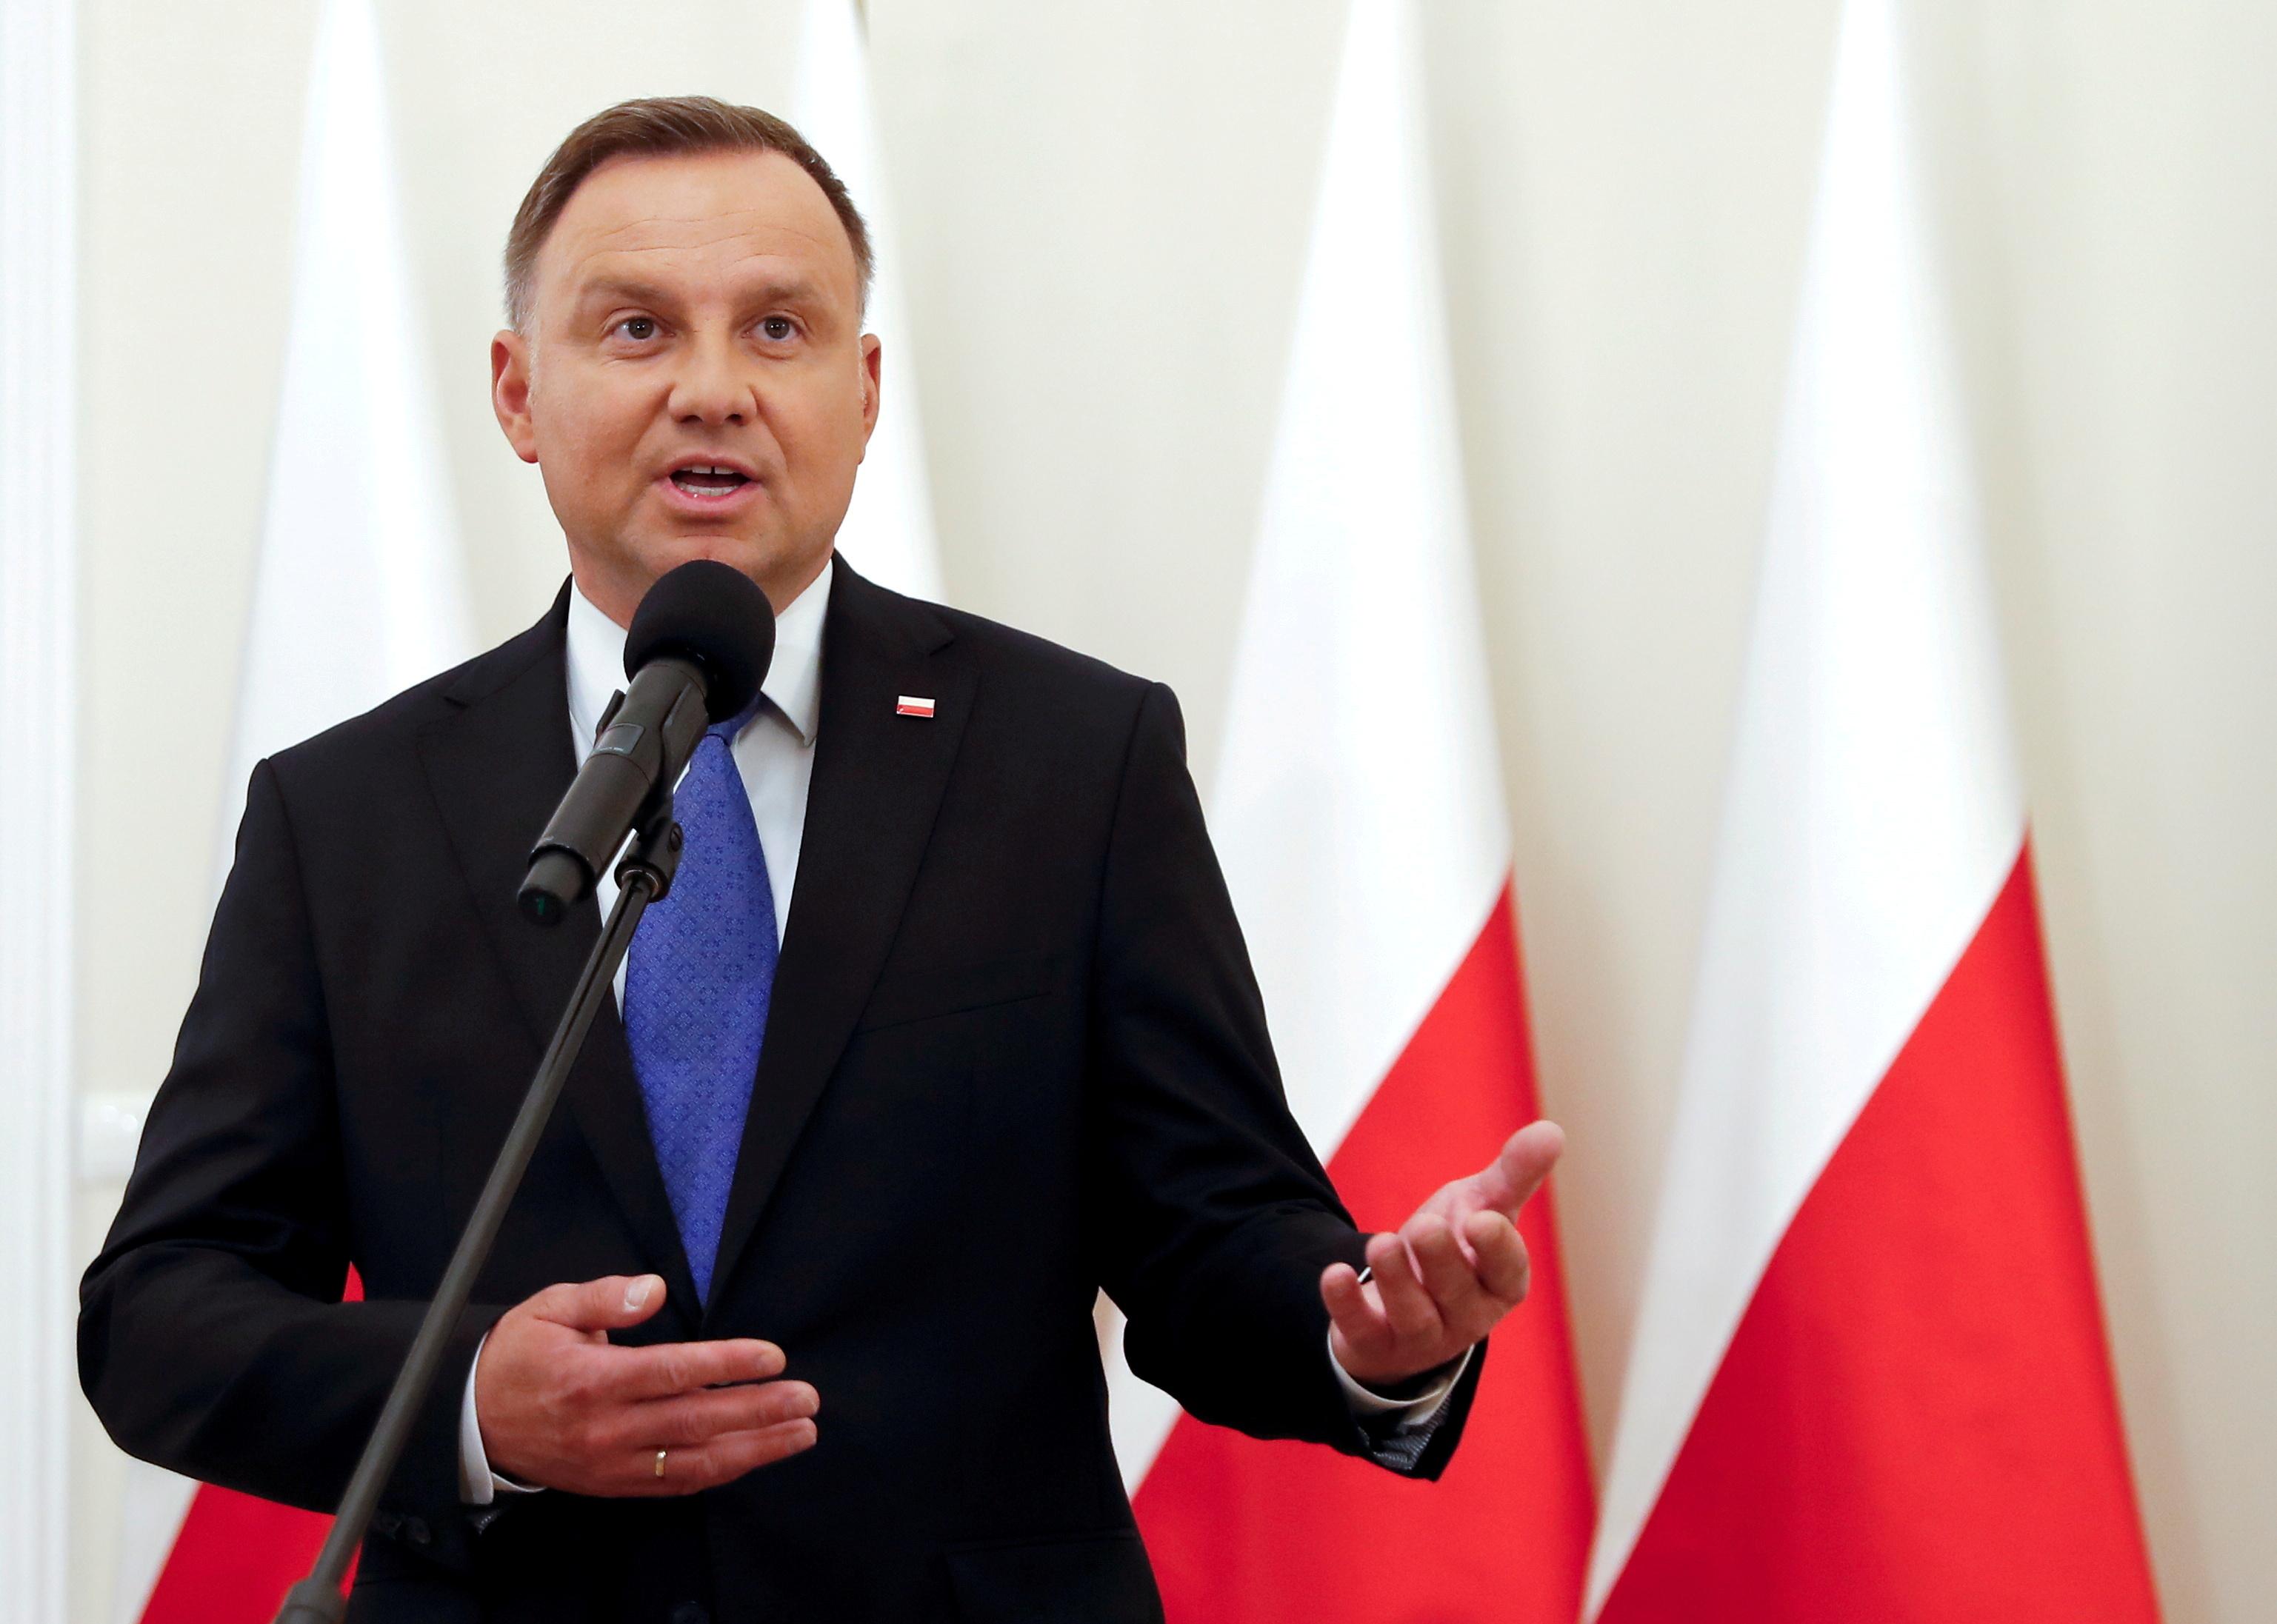 48岁的波兰总统杜达周五接受病毒检测,结果呈现阳性。-路透社-